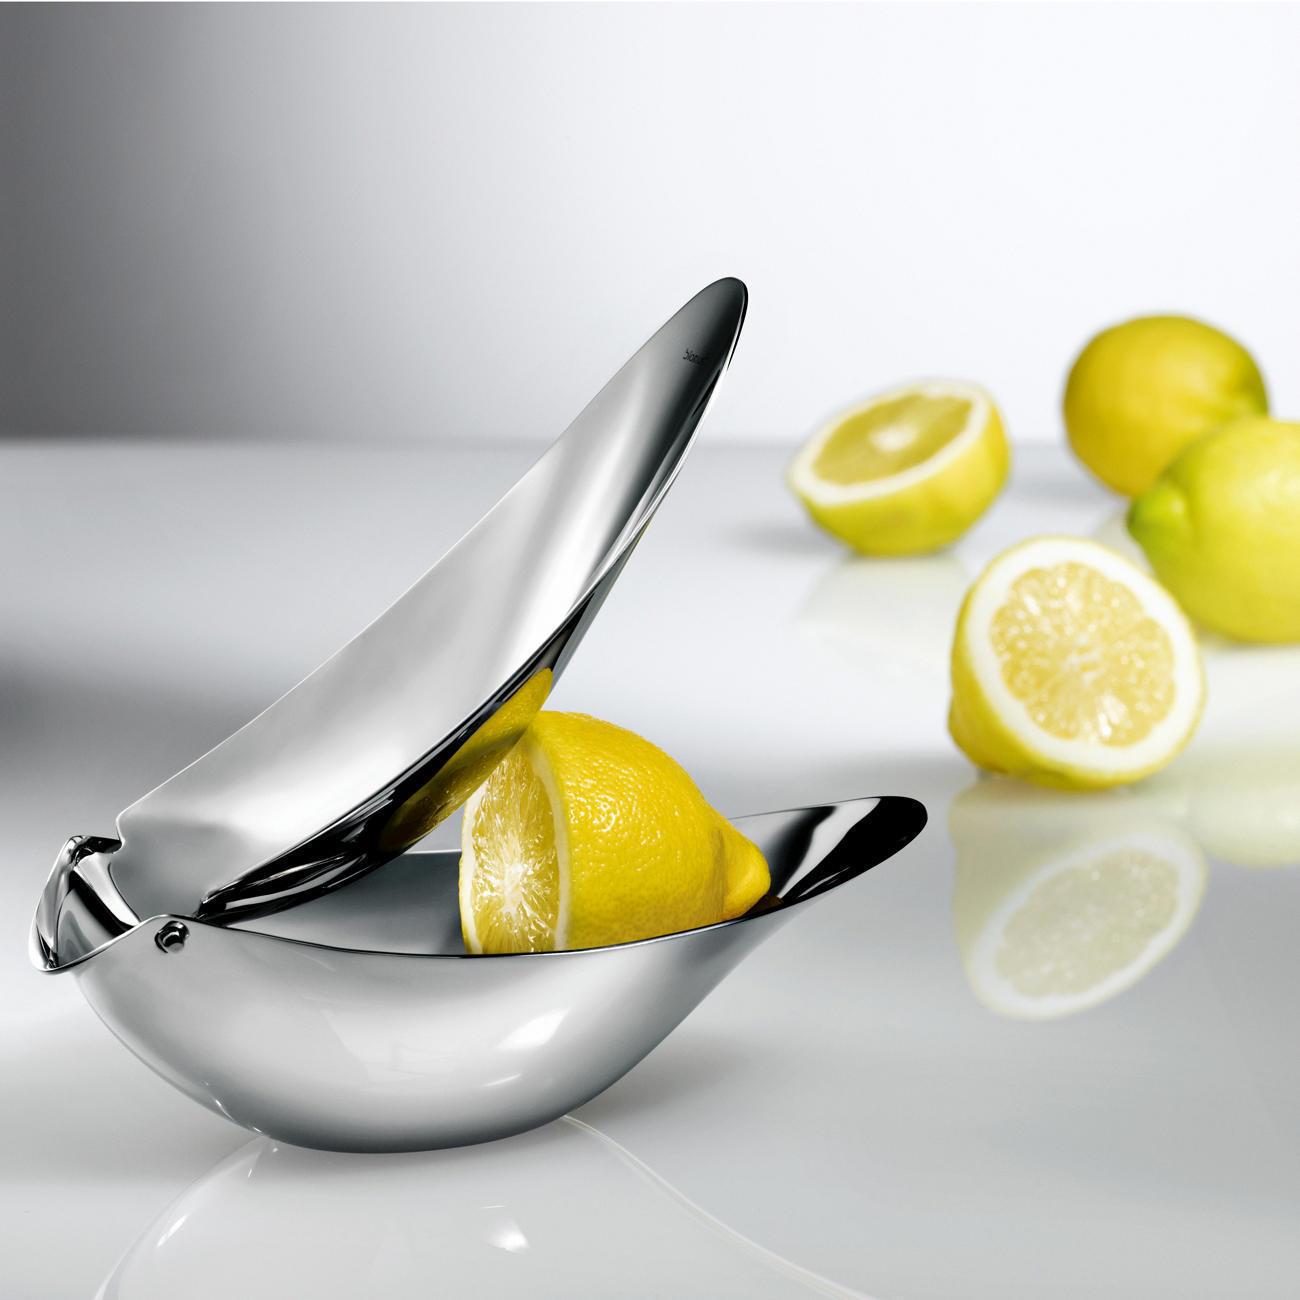 Zitronenpresse Callista